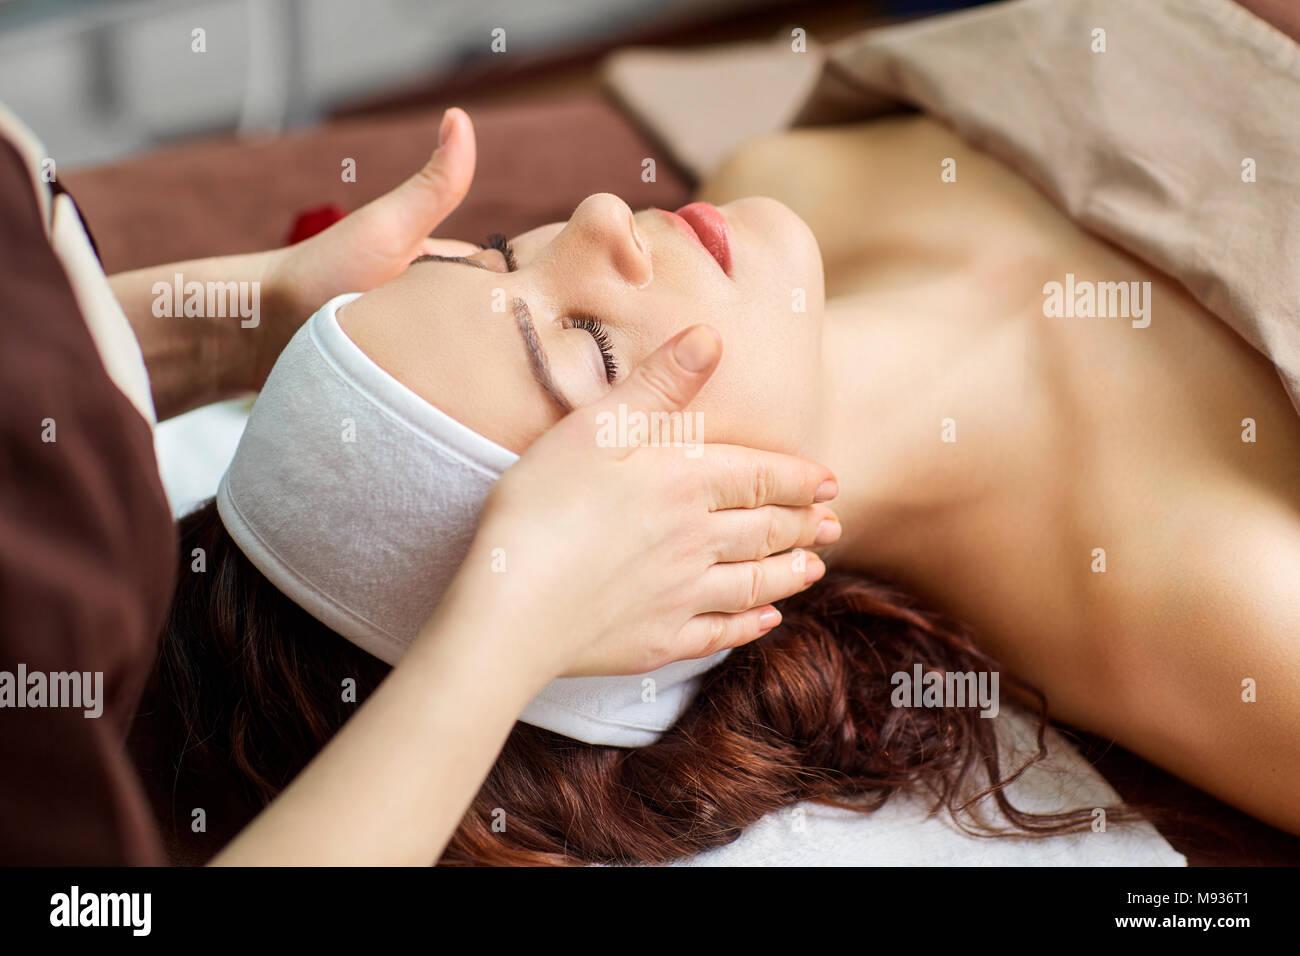 Schöne Frau an eine Gesichtsmassage in einem Spa Salon Stockbild